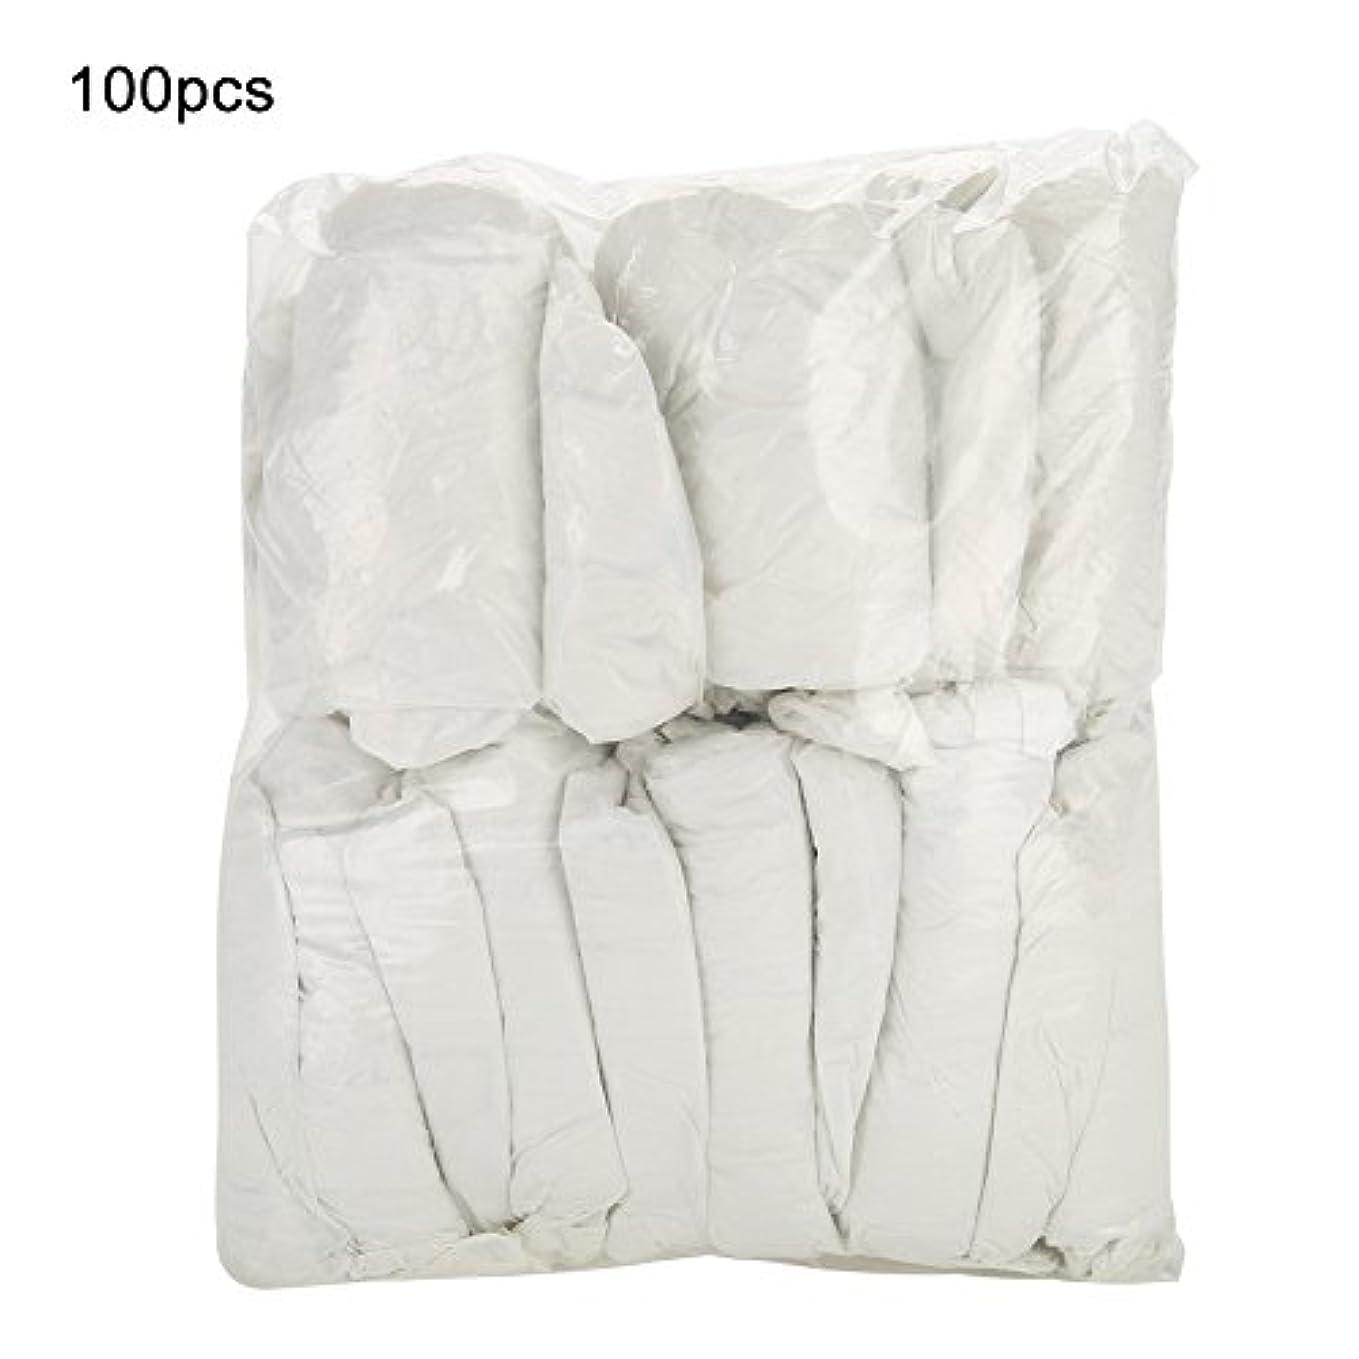 履歴書マークされた無能Semme 100pcs / bag使い捨てPlasticTattooスリーブ、滅菌タトゥーアームスリーブスリーブレットカバー保護